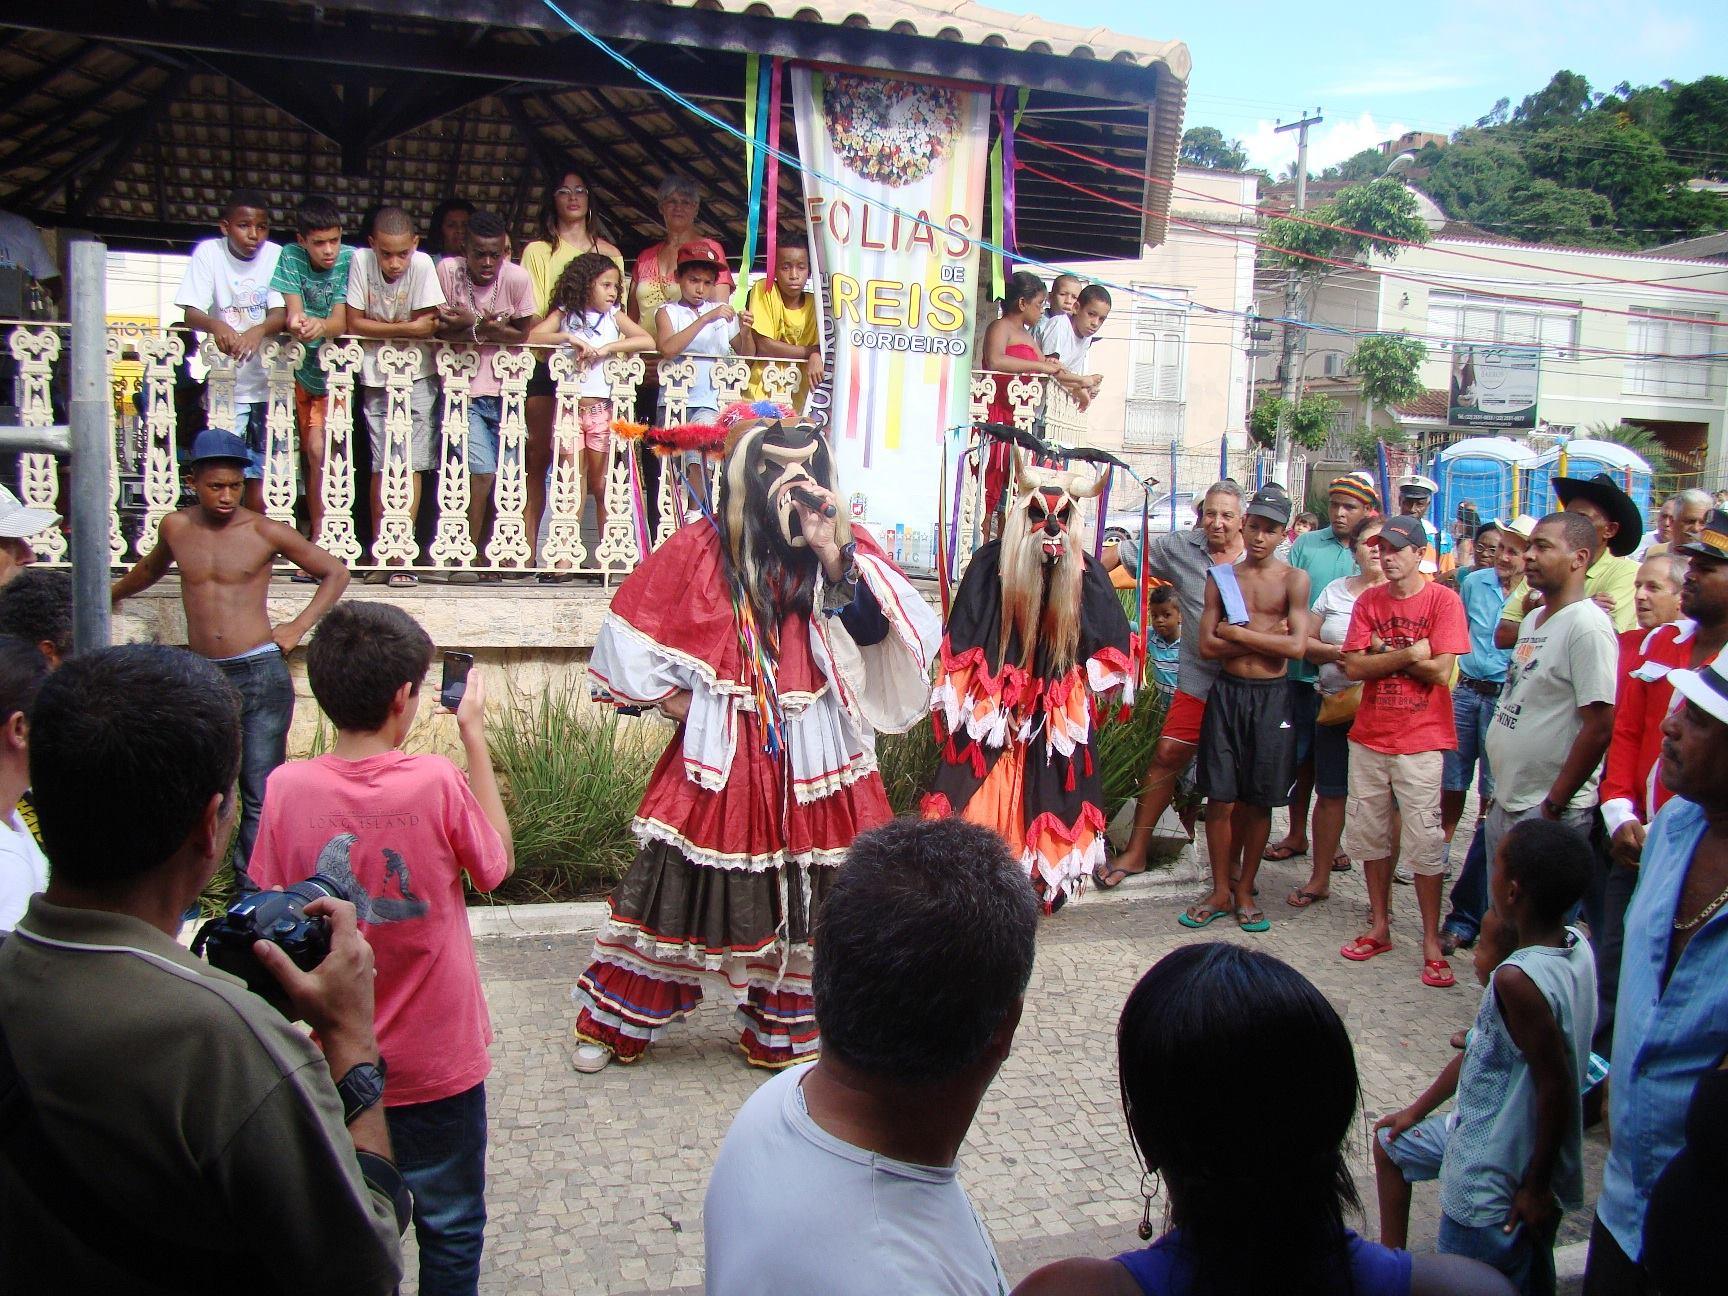 Folias de Reis enaltecem a cultura popular em Cordeiro